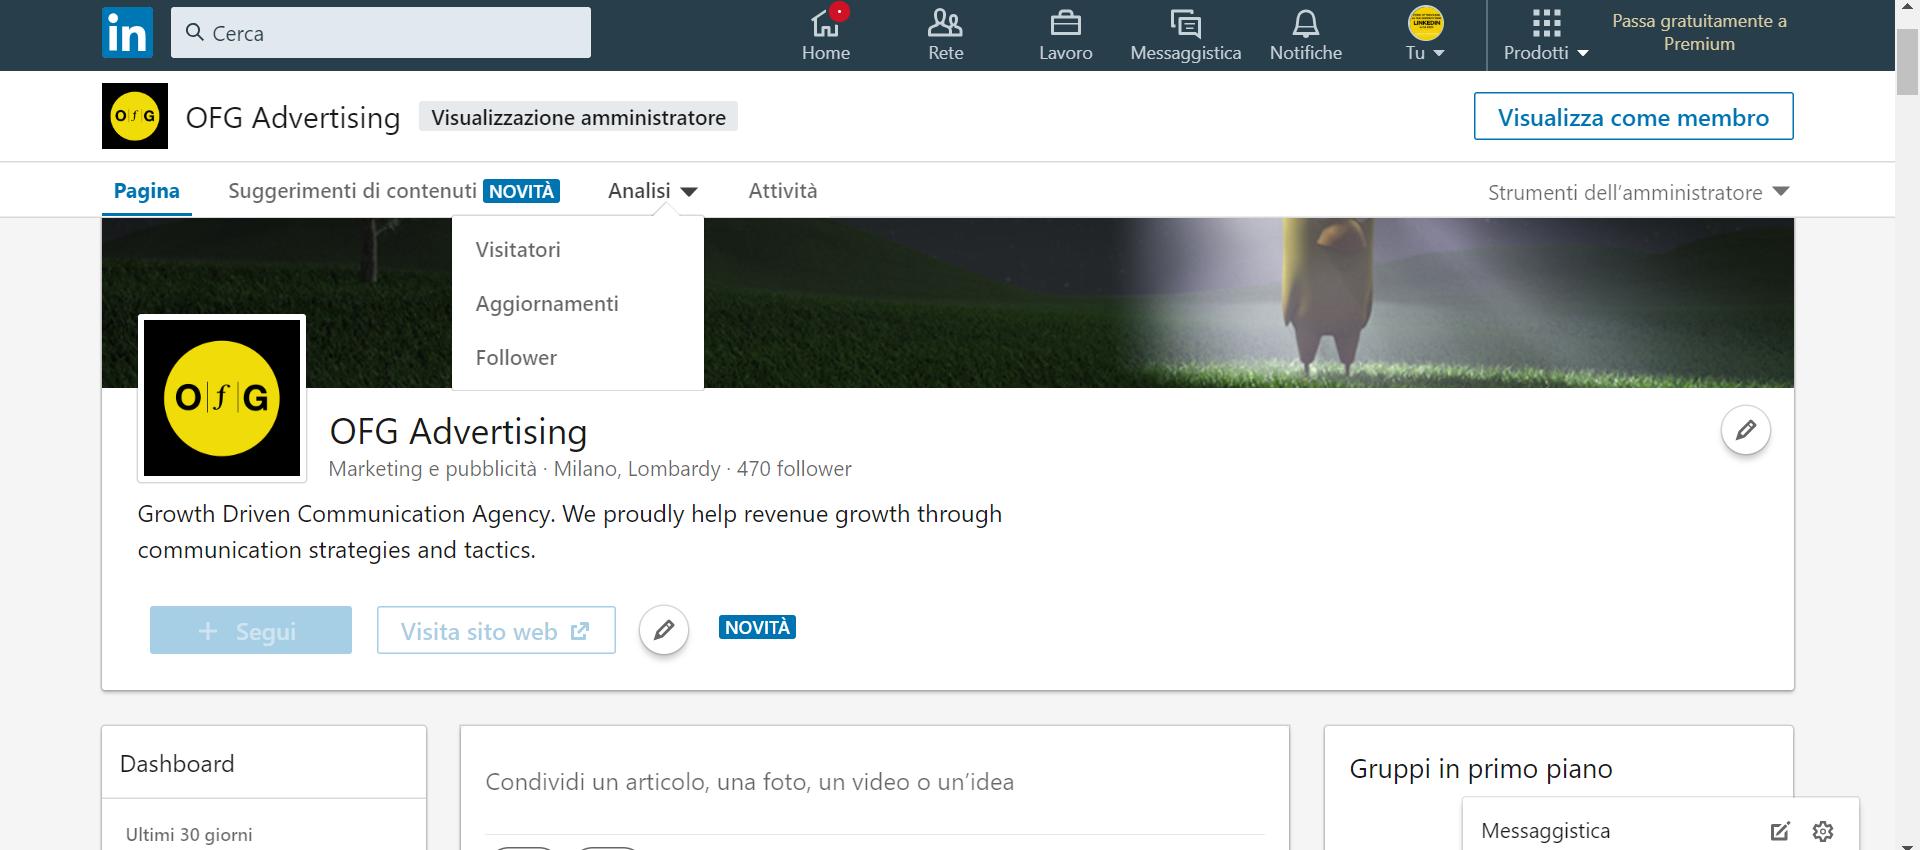 linkedin-analytics-per-marketer-breve-guida-ofg-advertising-agenzia-di-comunicazione-a-milano-2